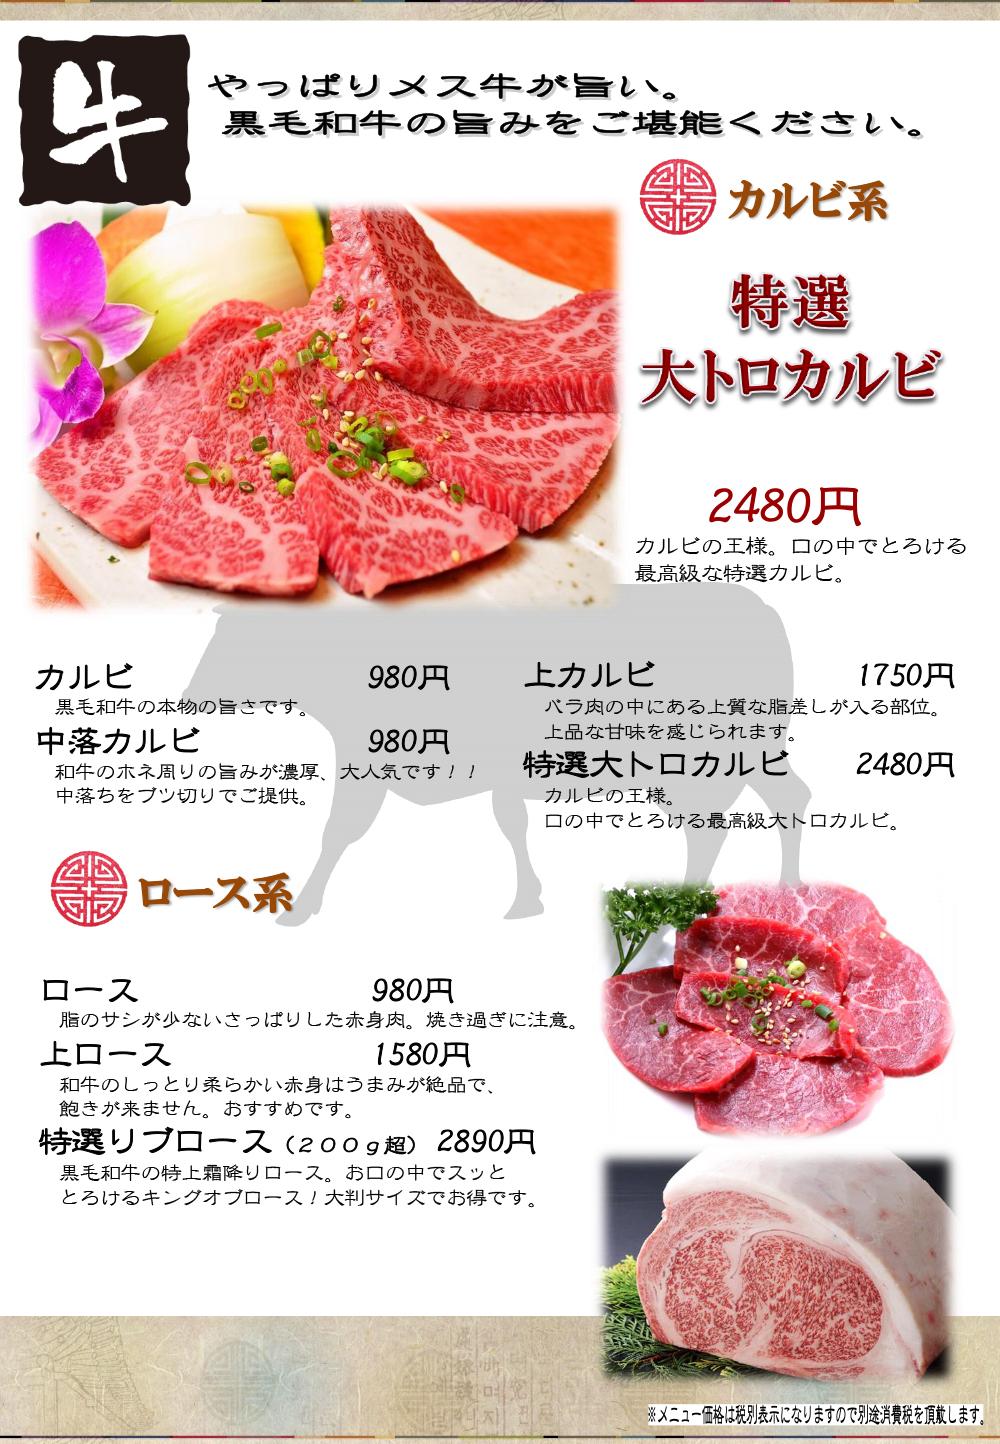 浦安店 焼き物メニュー2